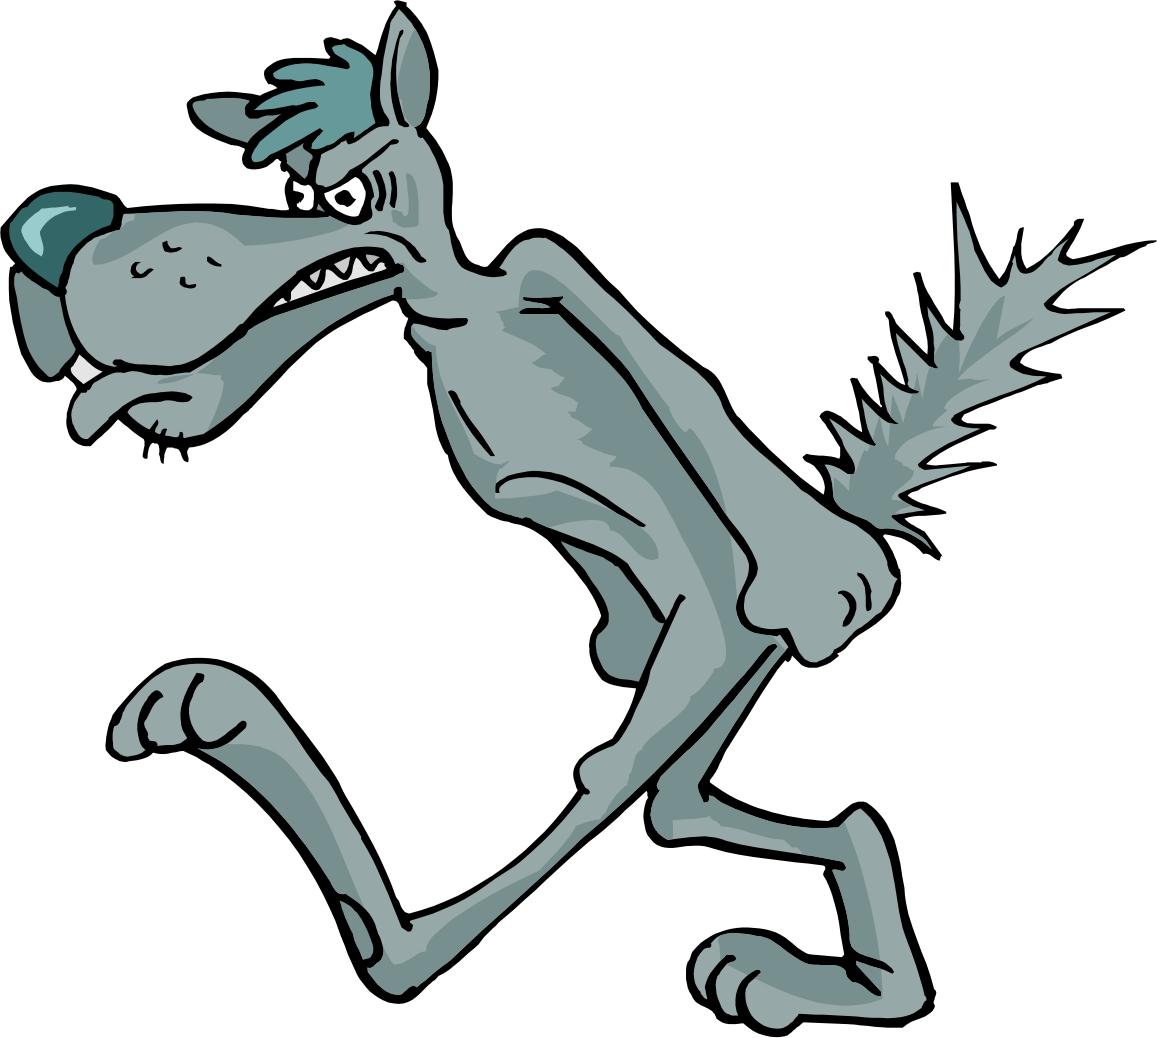 Картинка трусливого волка идеально сочетается